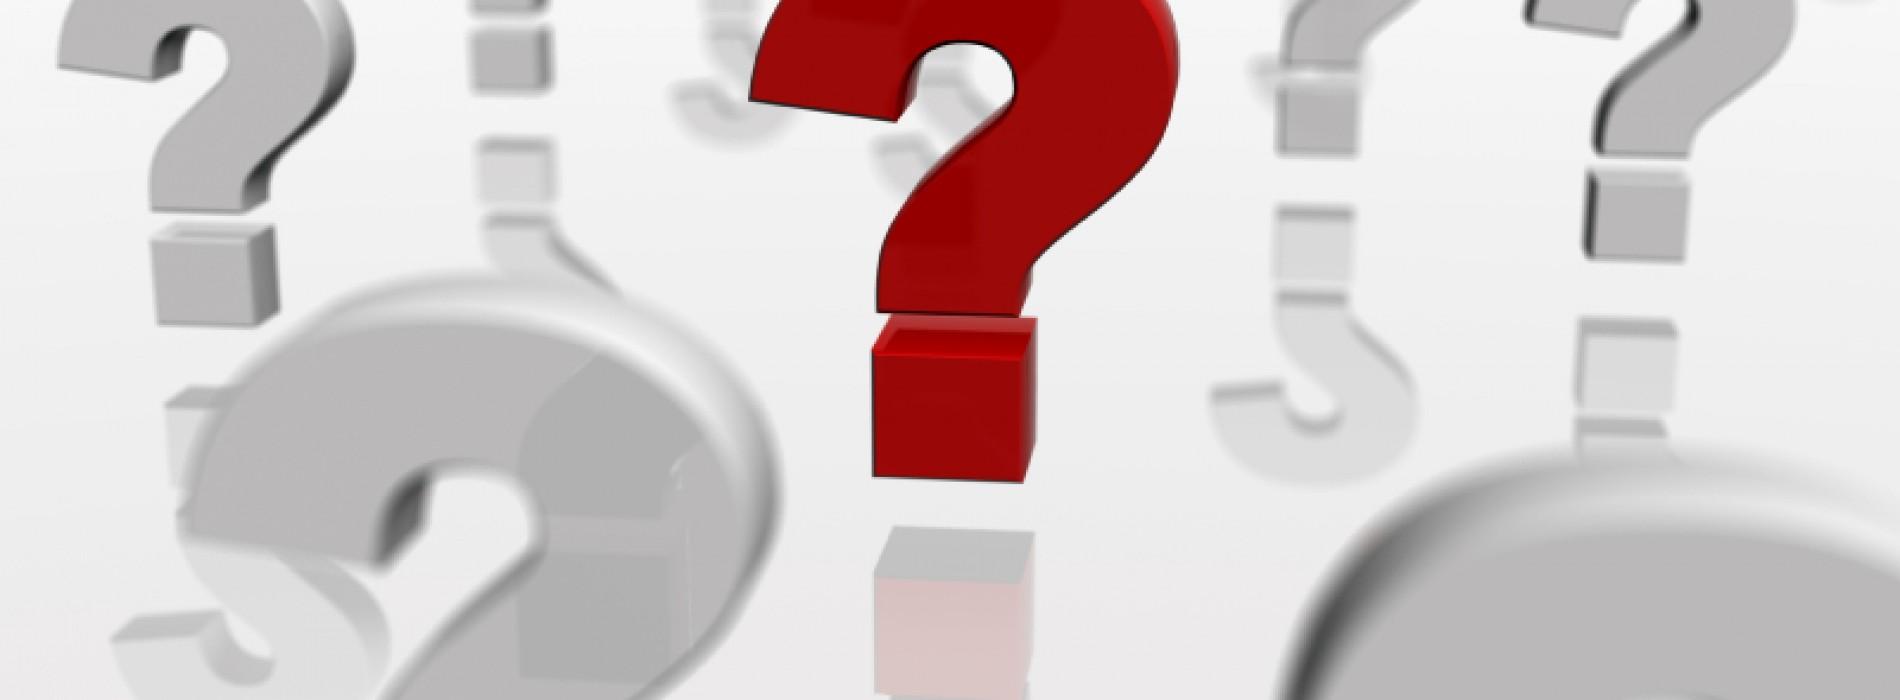 Dobrowolne ubezpieczenie emerytalne – jak  uzyskać?